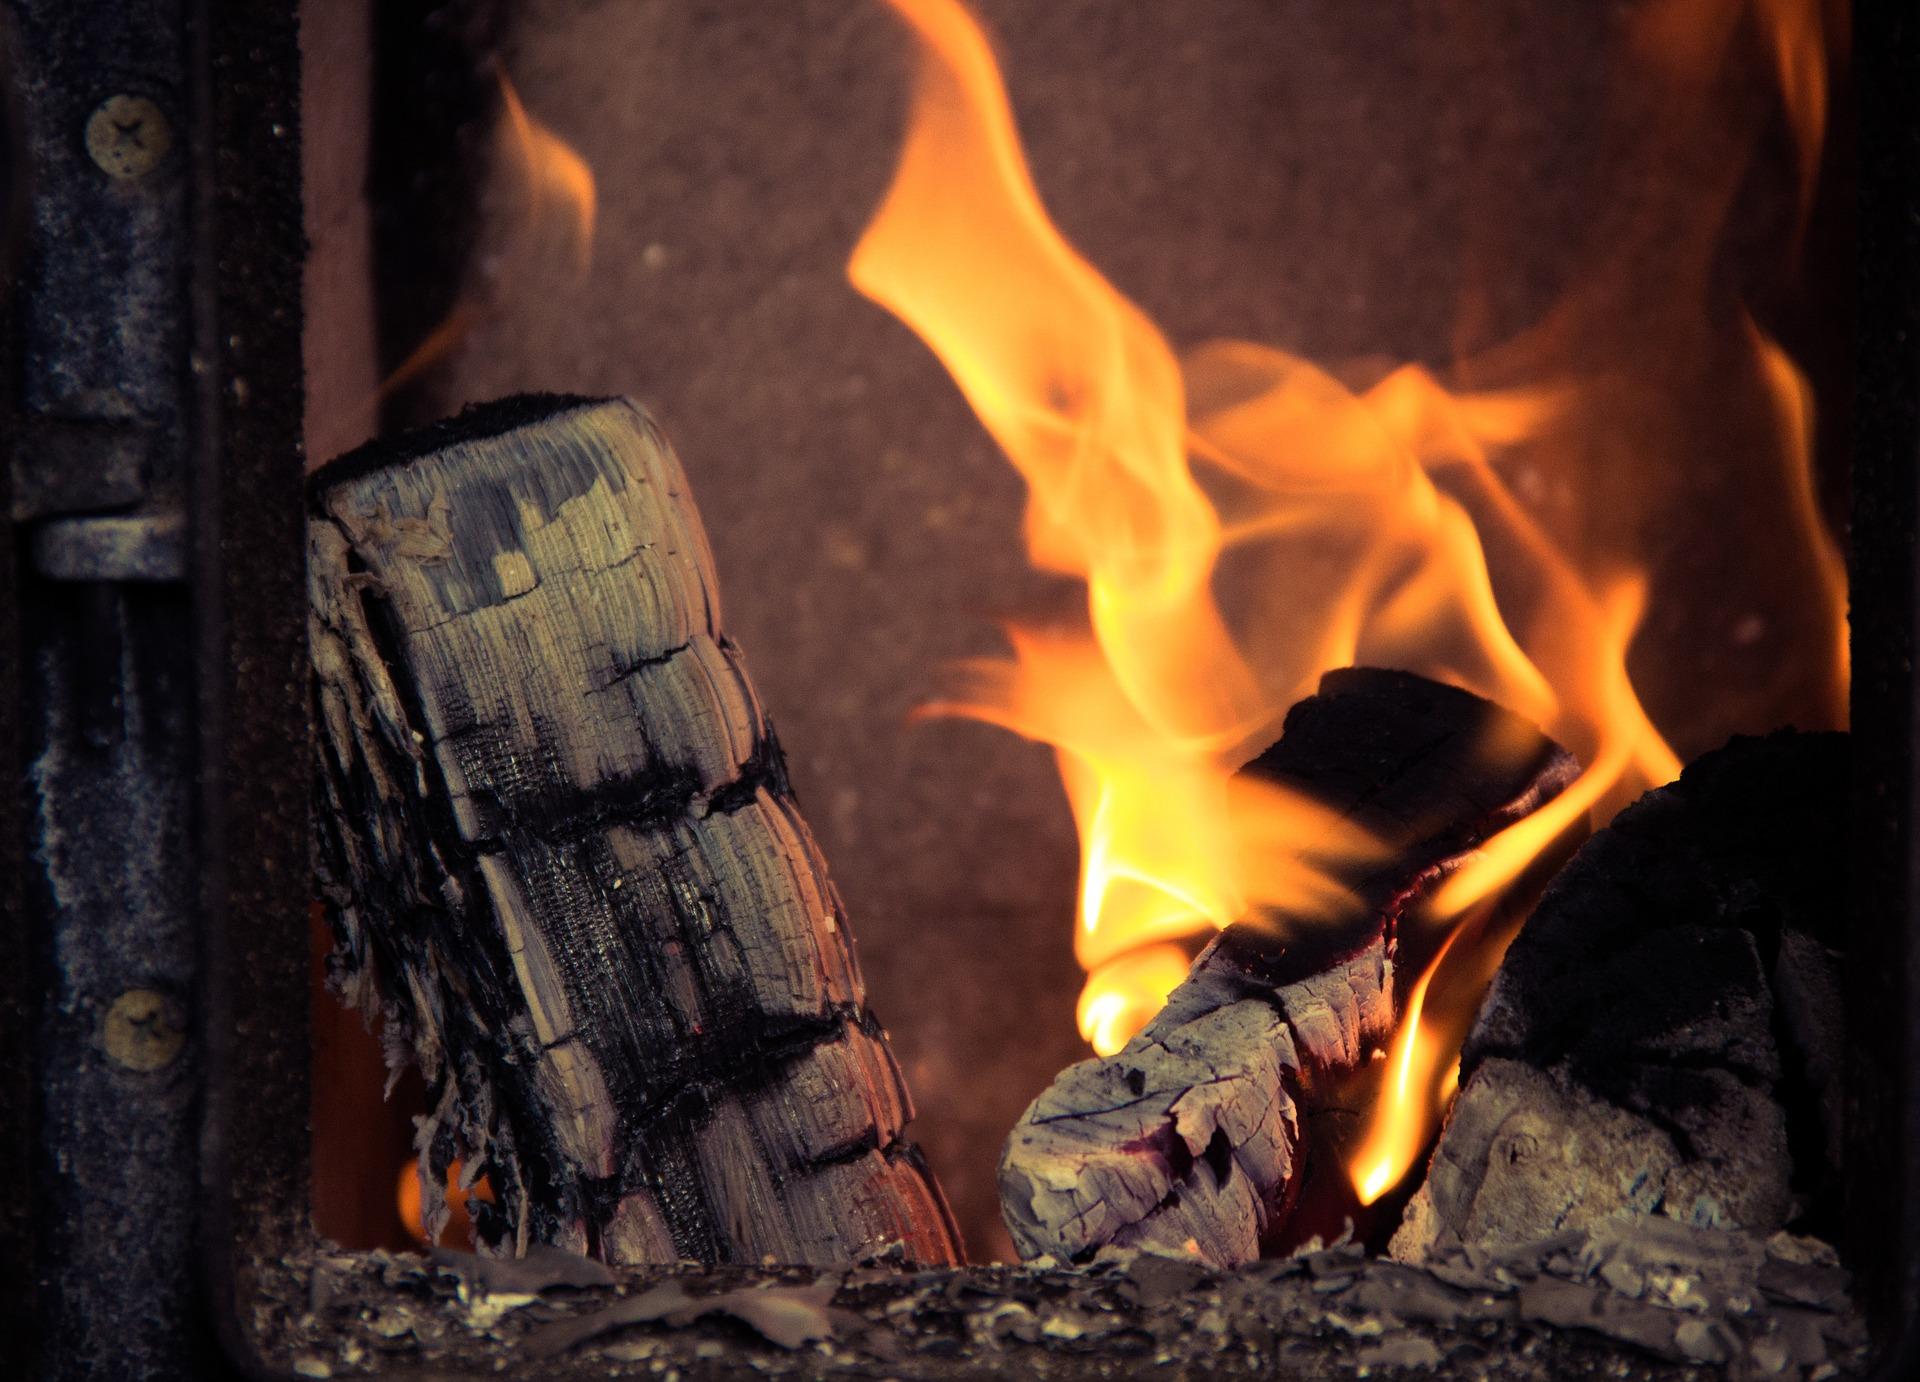 Oszczędnie i bez dymu, czyli jak poprawnie palić w piecu  - Zdjęcie główne